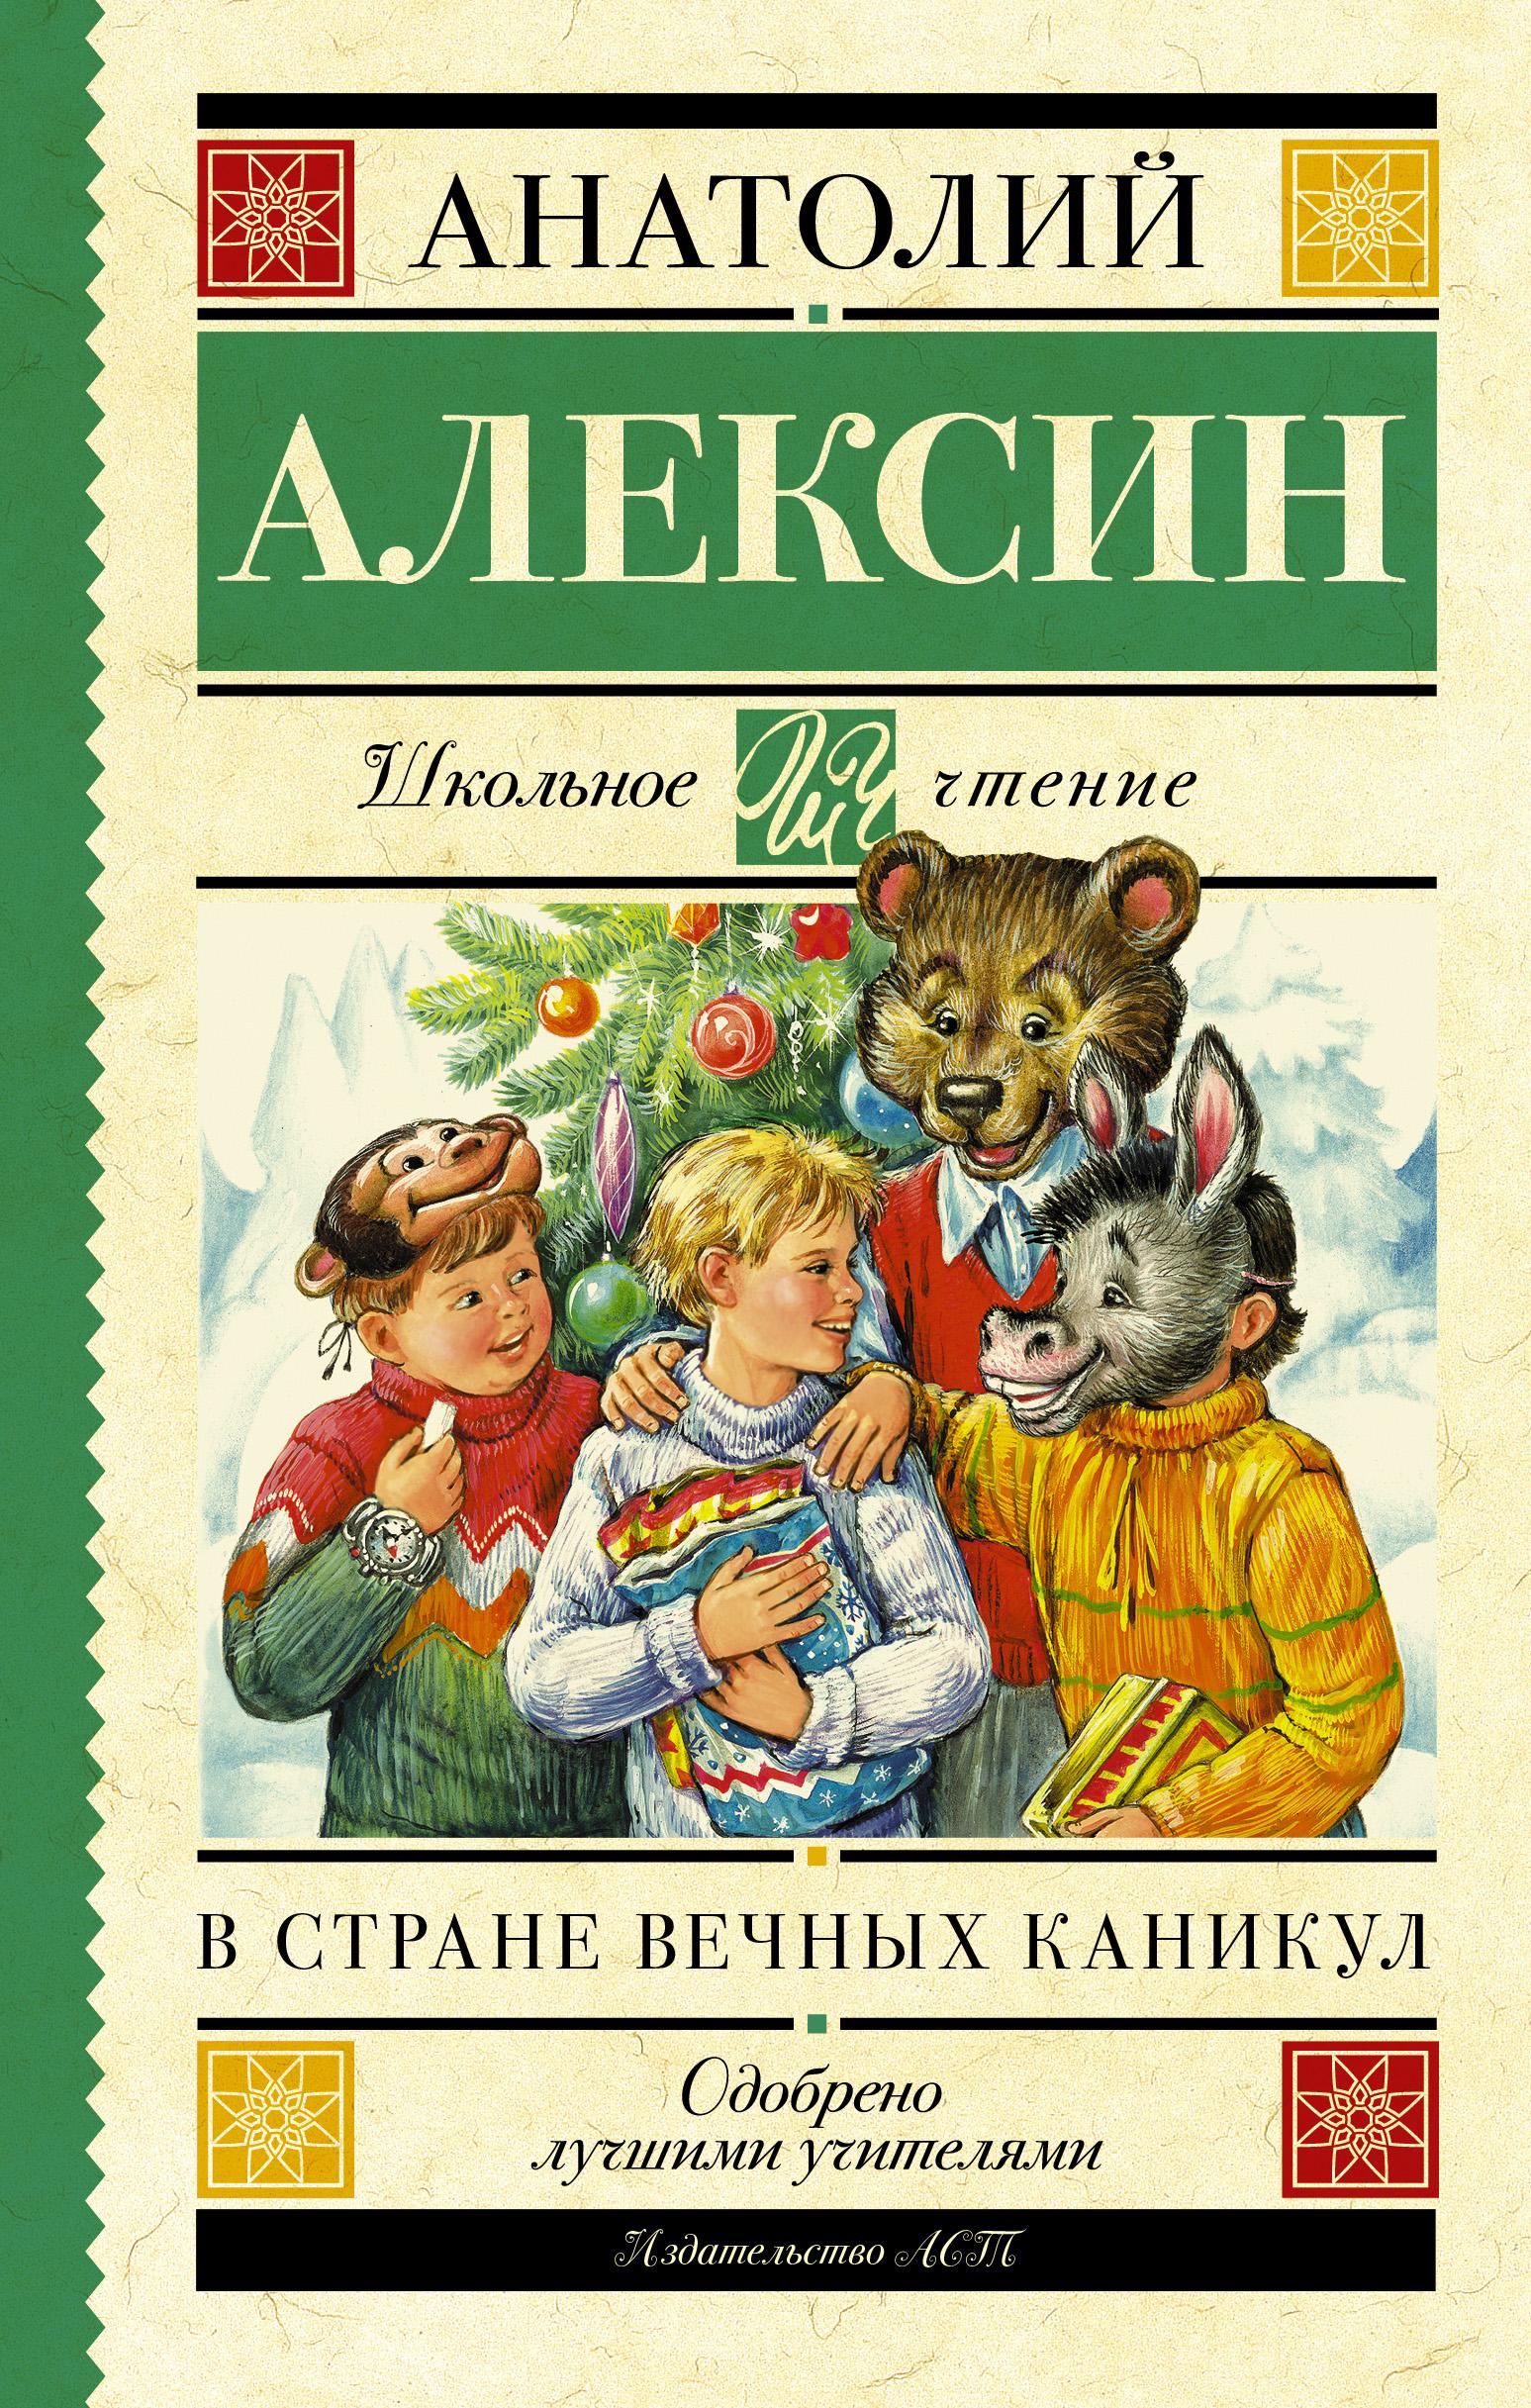 Анатолий Алексин В стране вечных каникул. Мой брат играет на кларнете. Коля пишет Оле, Оля пишет Коле (сборник) цена 2017